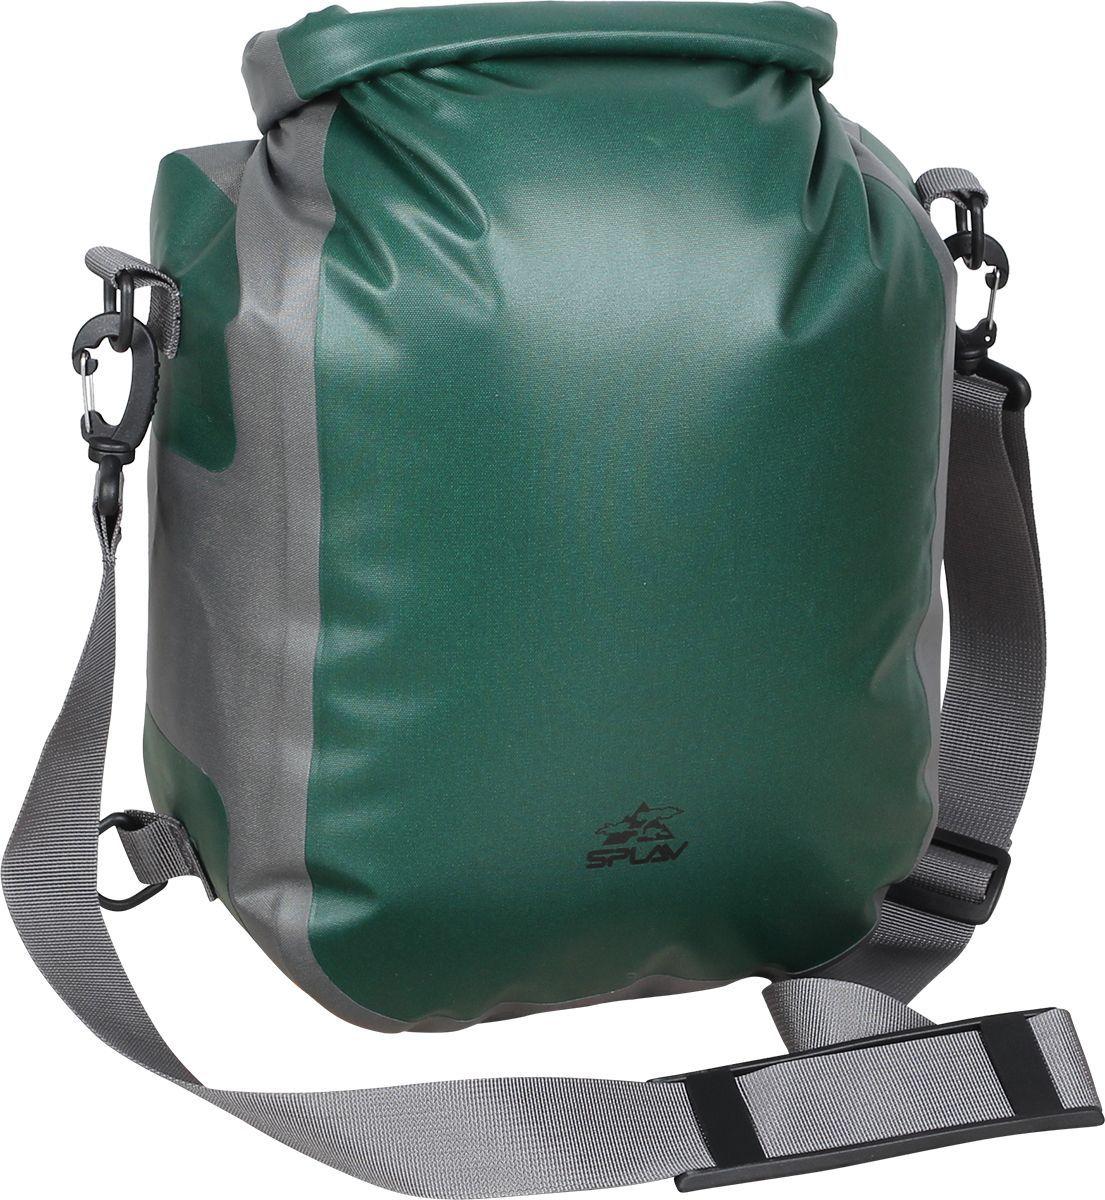 Гермосумка Сплав Shoulder, цвет: зеленый, 50 х 26 х 13 см5040250Небольшая полностью герметичная сумка для путешествийЛегко закручиваемый верх дает необходимую герметичность и при этом обеспечивает быстрый и легкий доступ к вещам, лежащим в сумкеСъемная стропа для ношения через плечоСумка изготовлена по сварной технологии. Все швы герметичныРазмер (В х Ш х Т): 50 х 26 х 13 см Материал: Nylon 420D TPUФурнитура: Duraflex